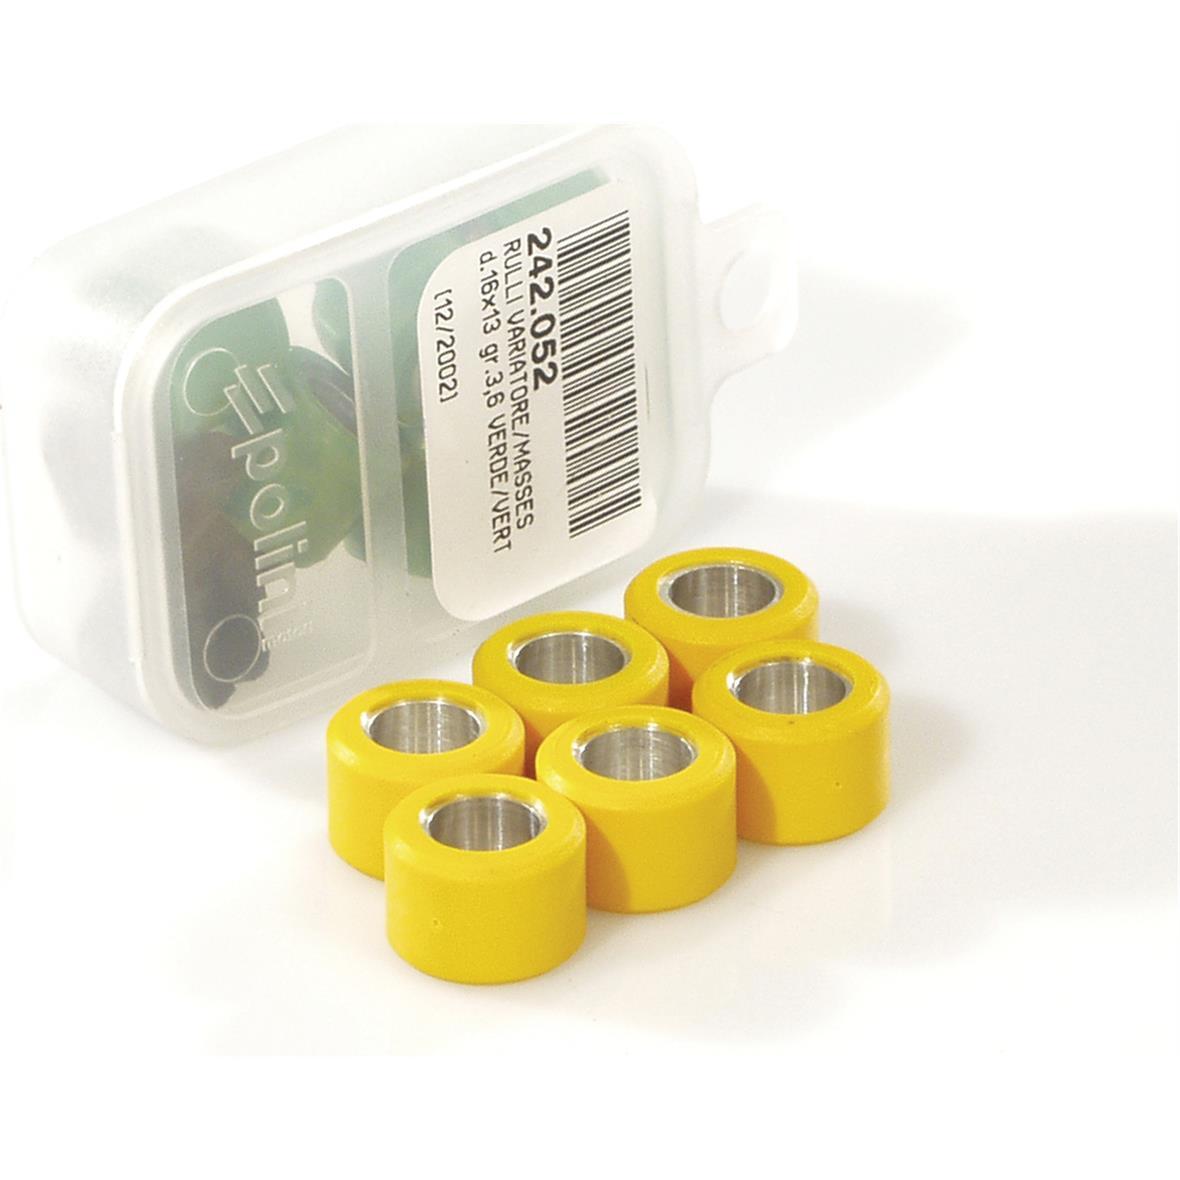 Obrázek výrobku pro 'Válečky variátoru POLINI 15x12 mm 2,5 gramTitle'